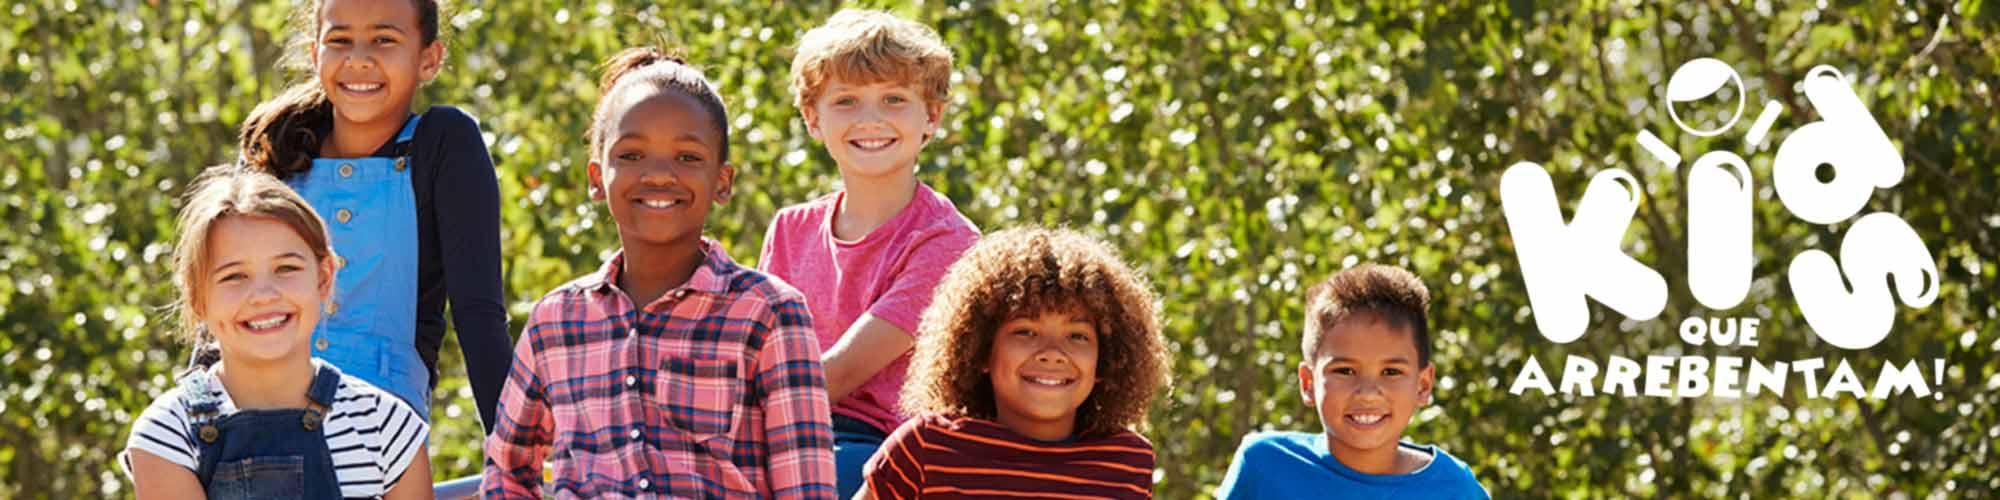 Kids que Arrebentam!: Unibes Cultural oferece programação de férias para crianças